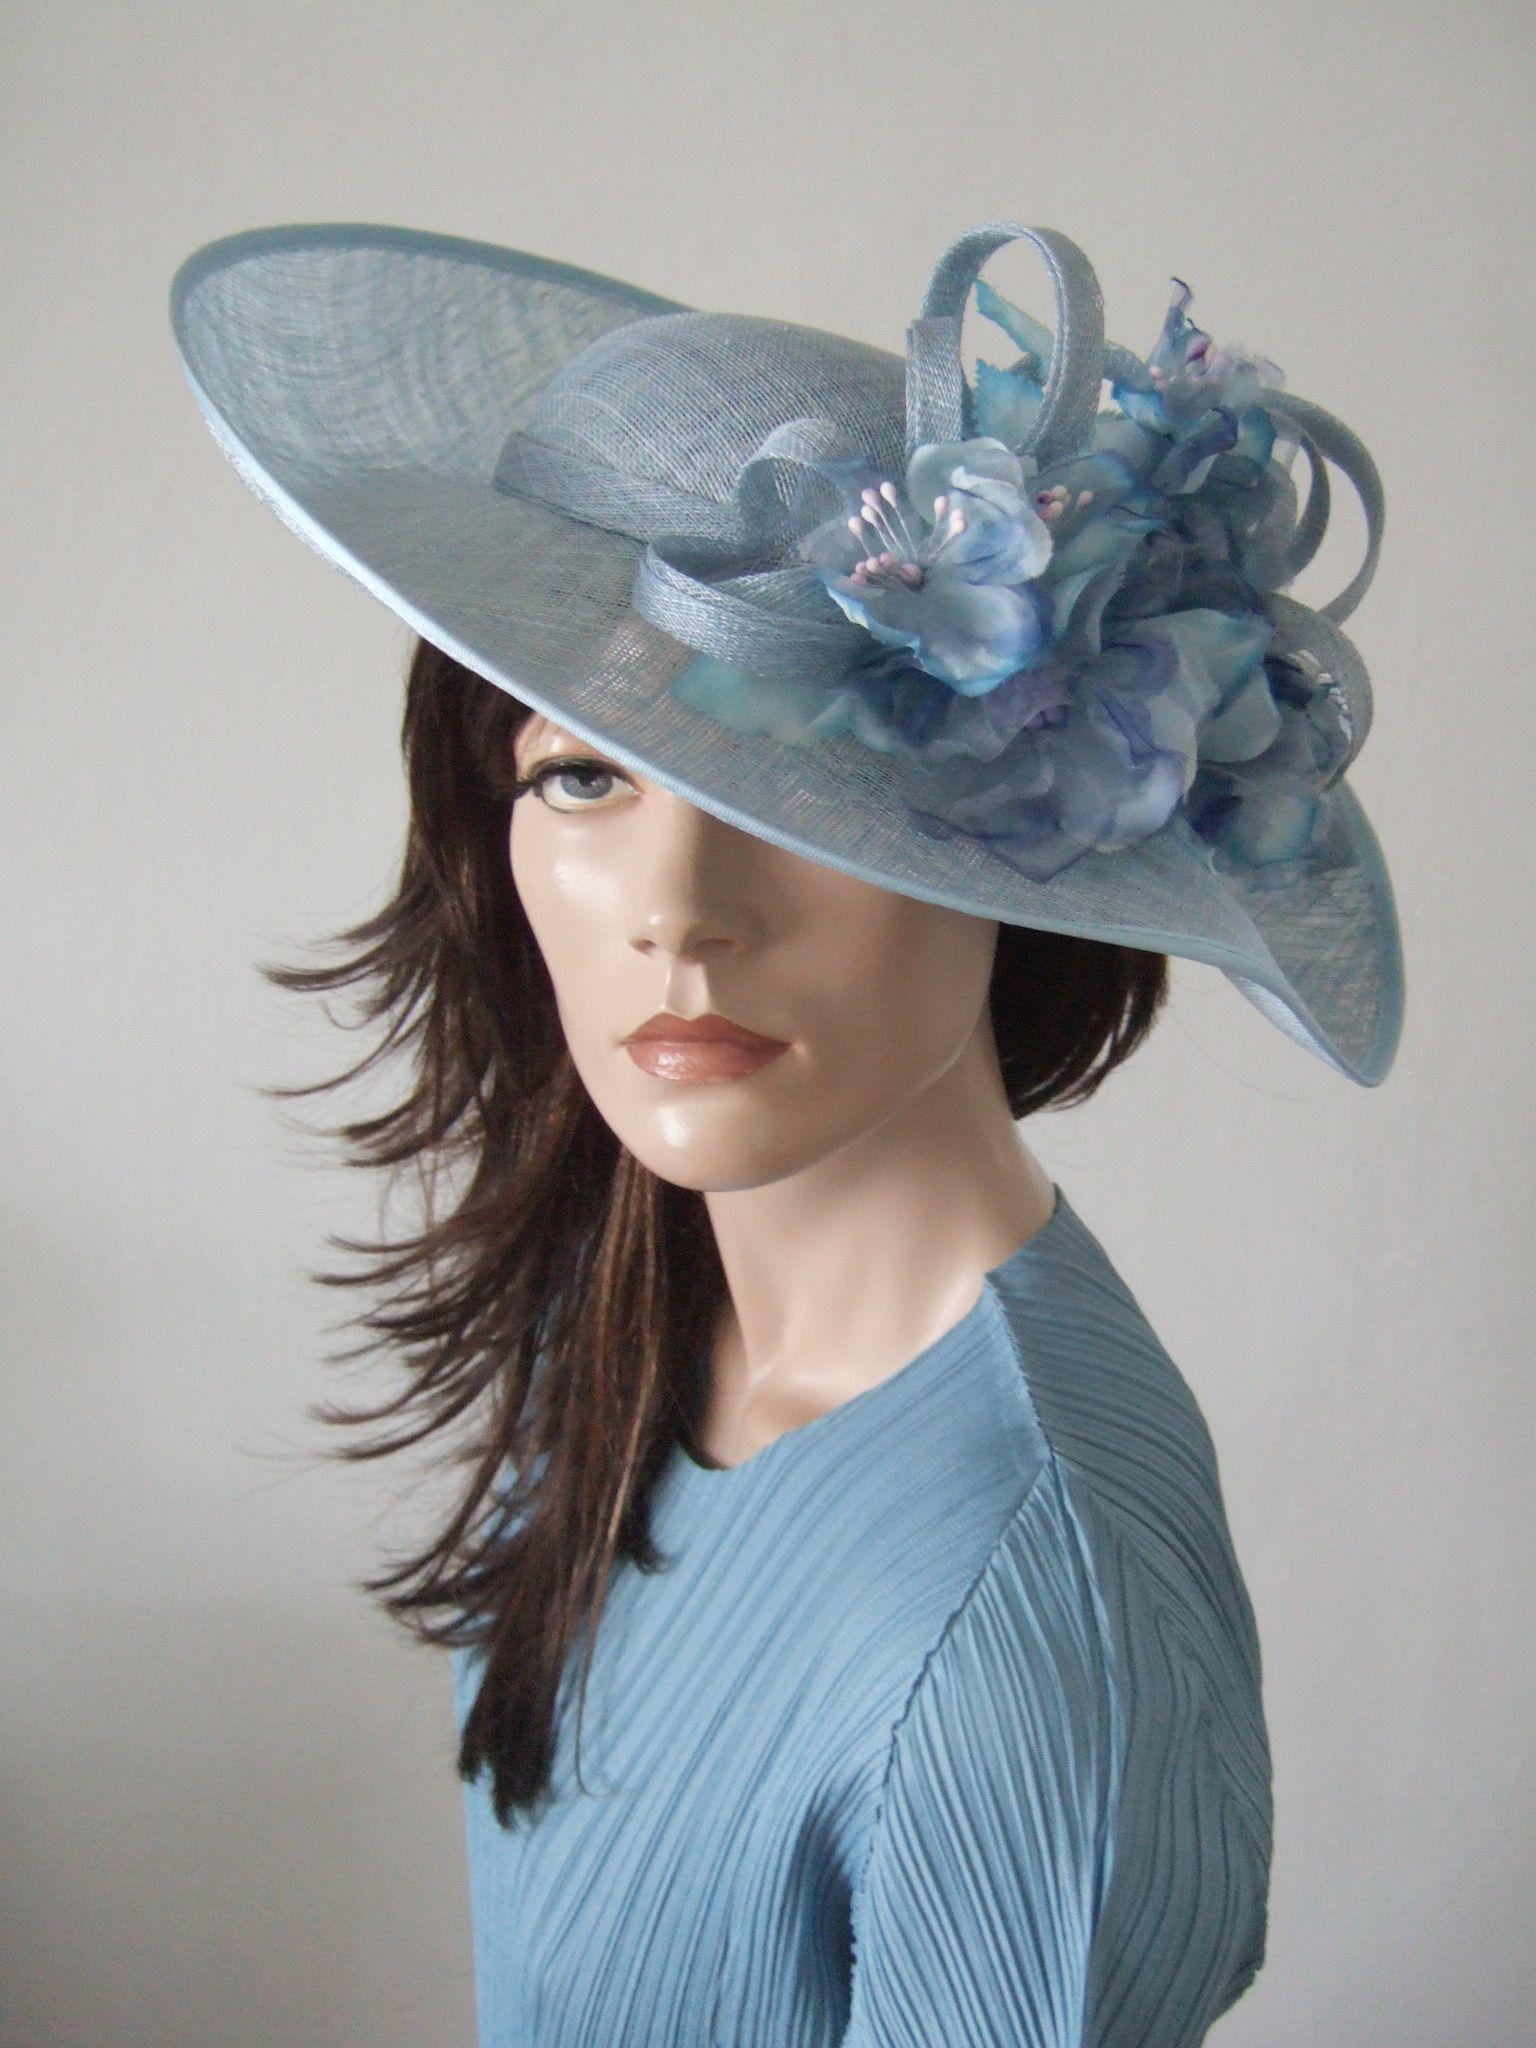 63f28bf7 Cornflower Blue Hat from Dress-2-Impress.com | Hats | Ascot hats ...